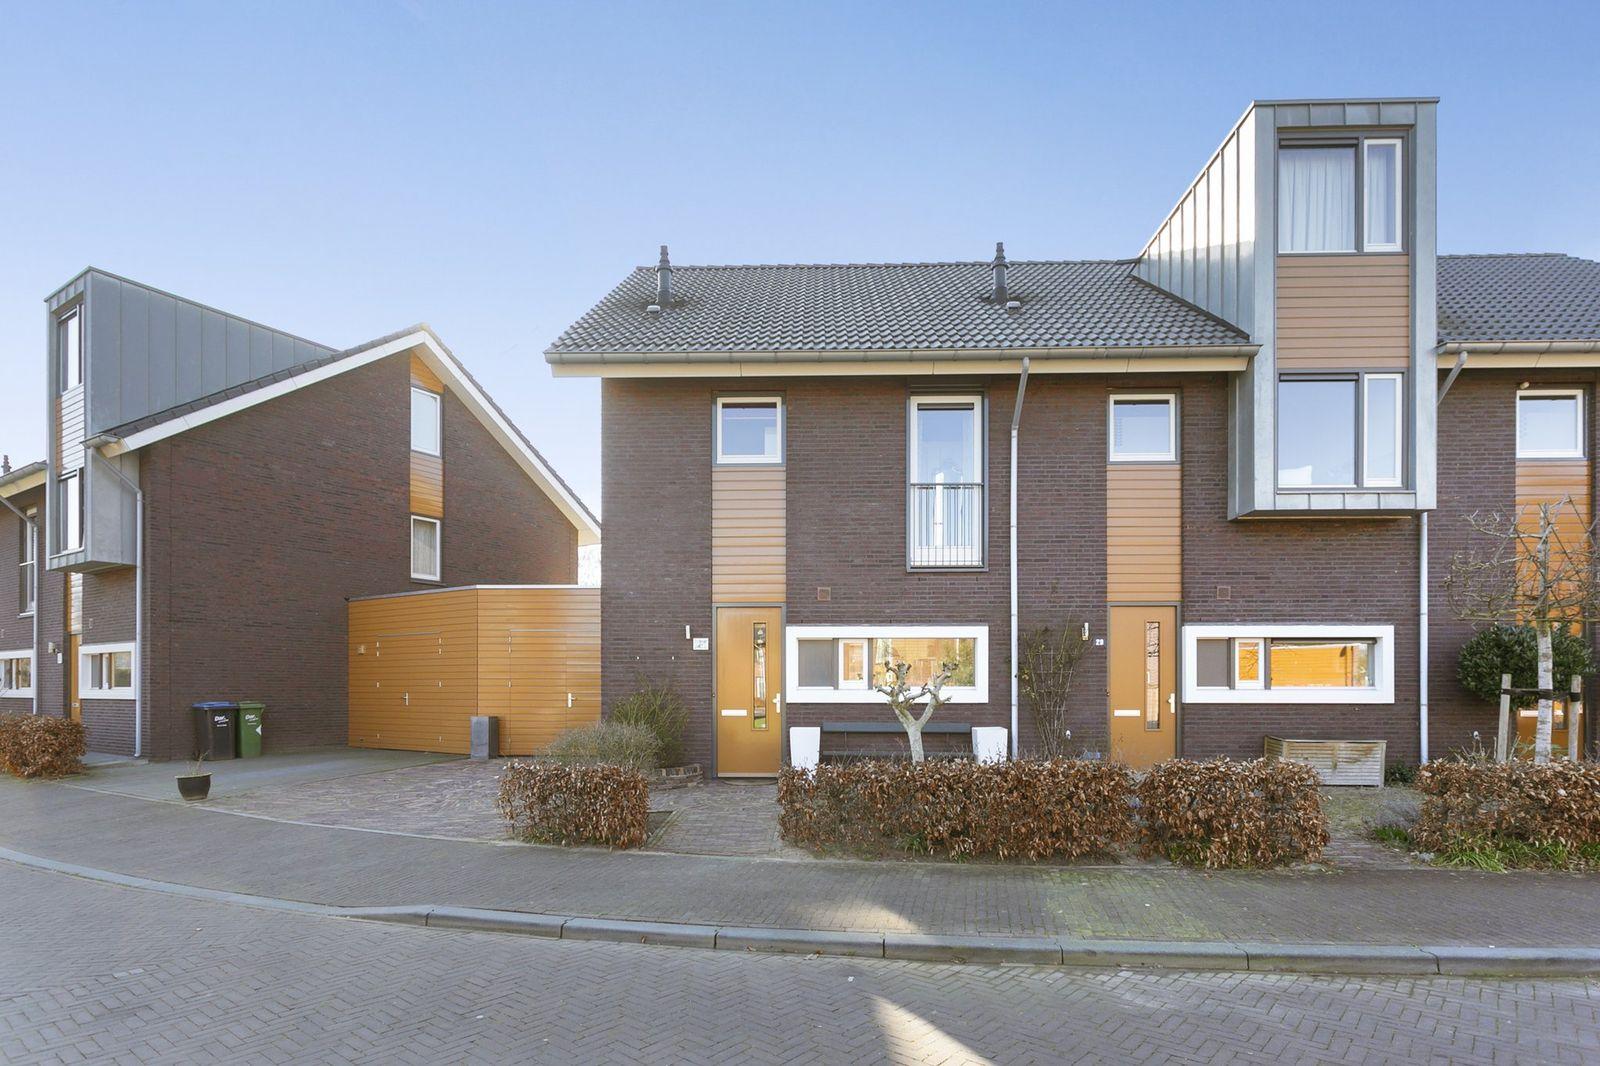 Pe Hawinkelsstraat 27, Nijmegen